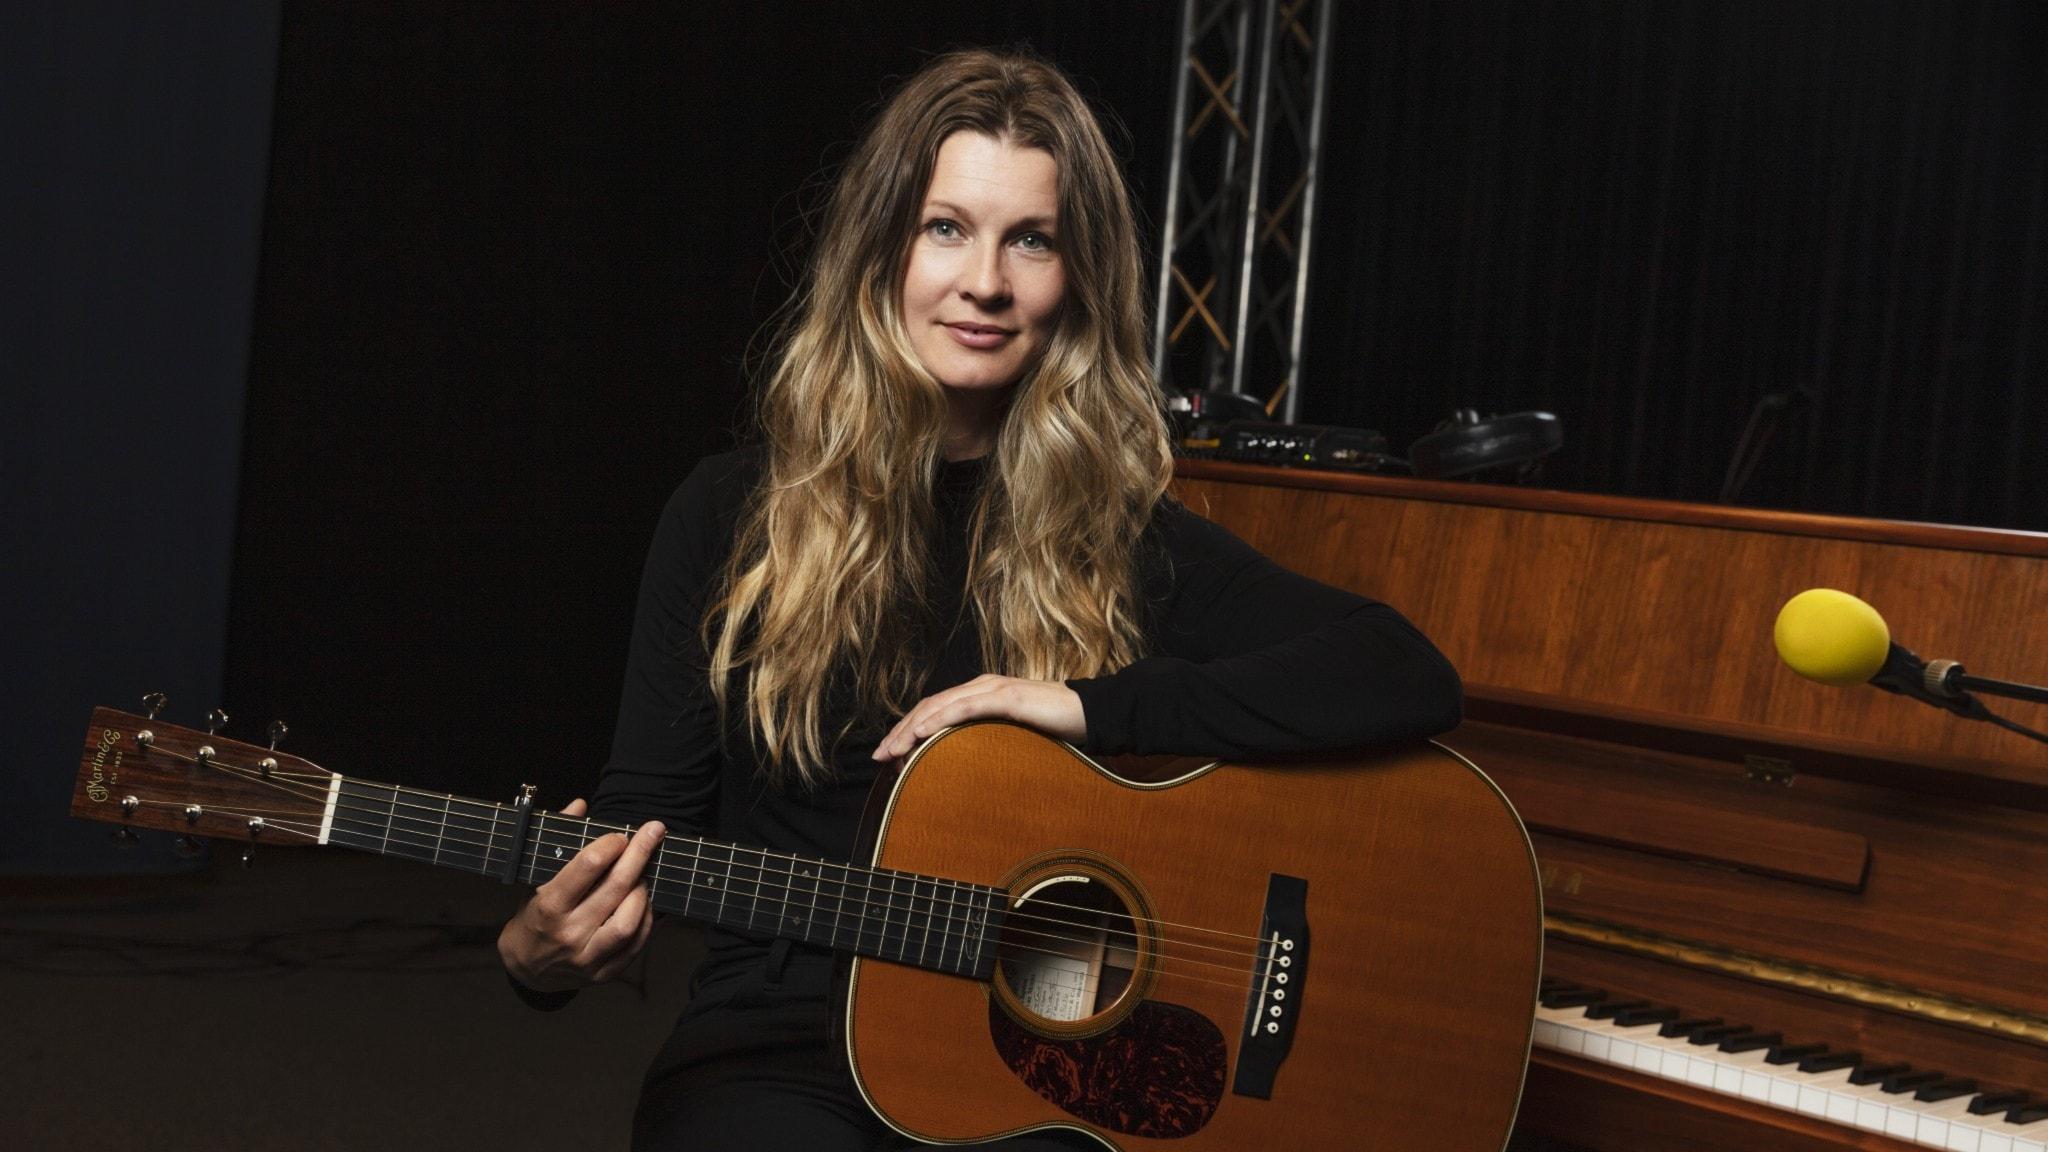 Hör färsk musik med Pernilla Andersson, Sarah Dawn Finer & Stiko Per Larsson